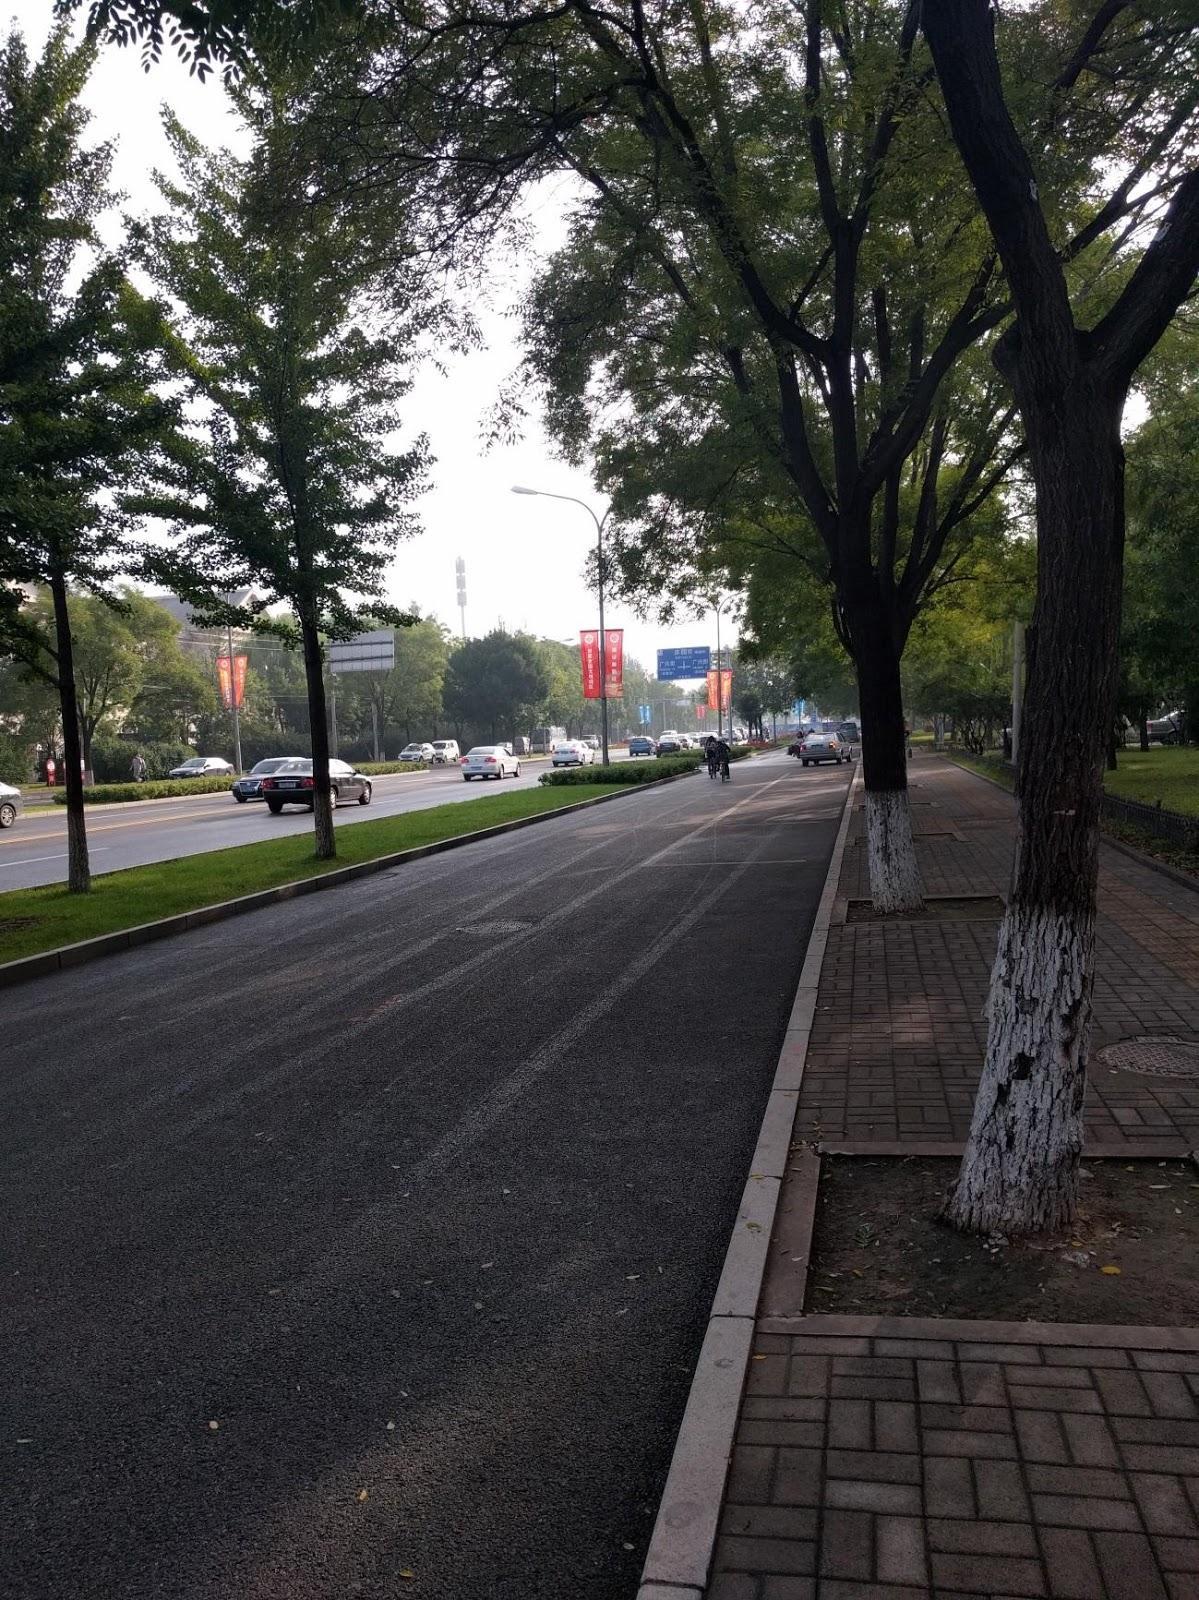 ▲北京のような都市部では、大通りに立派な自転車道が設けられている。